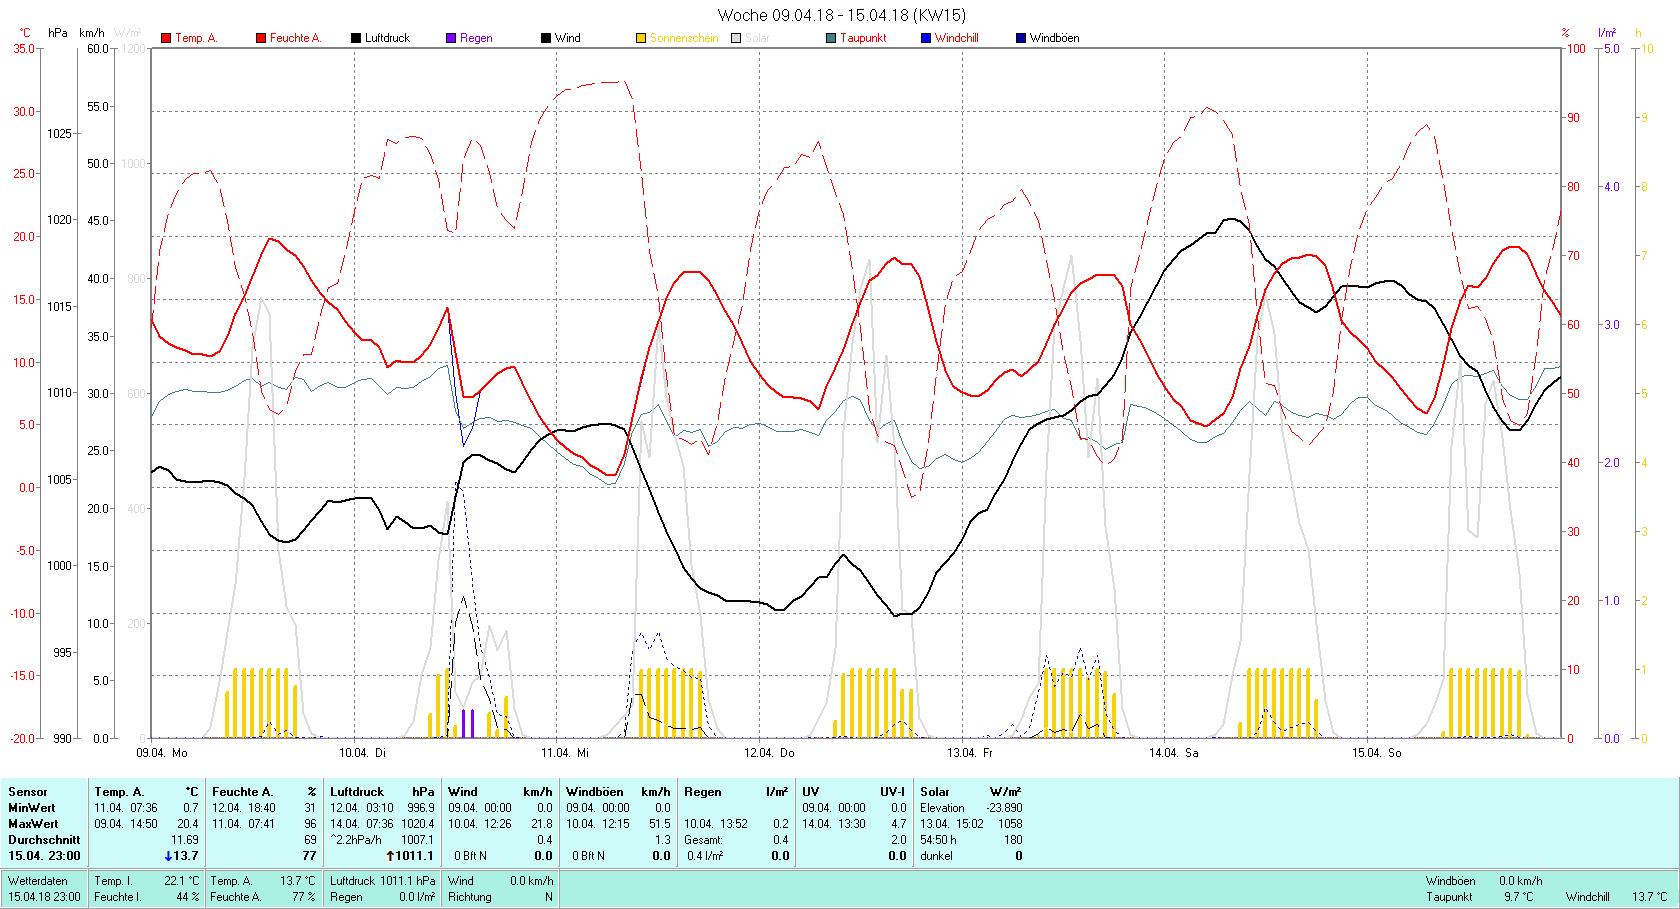 KW 15 Tmin 0.7°C, Tmax 20.4°C, Sonne 54:50 h Niederschlag 0.4 mm2